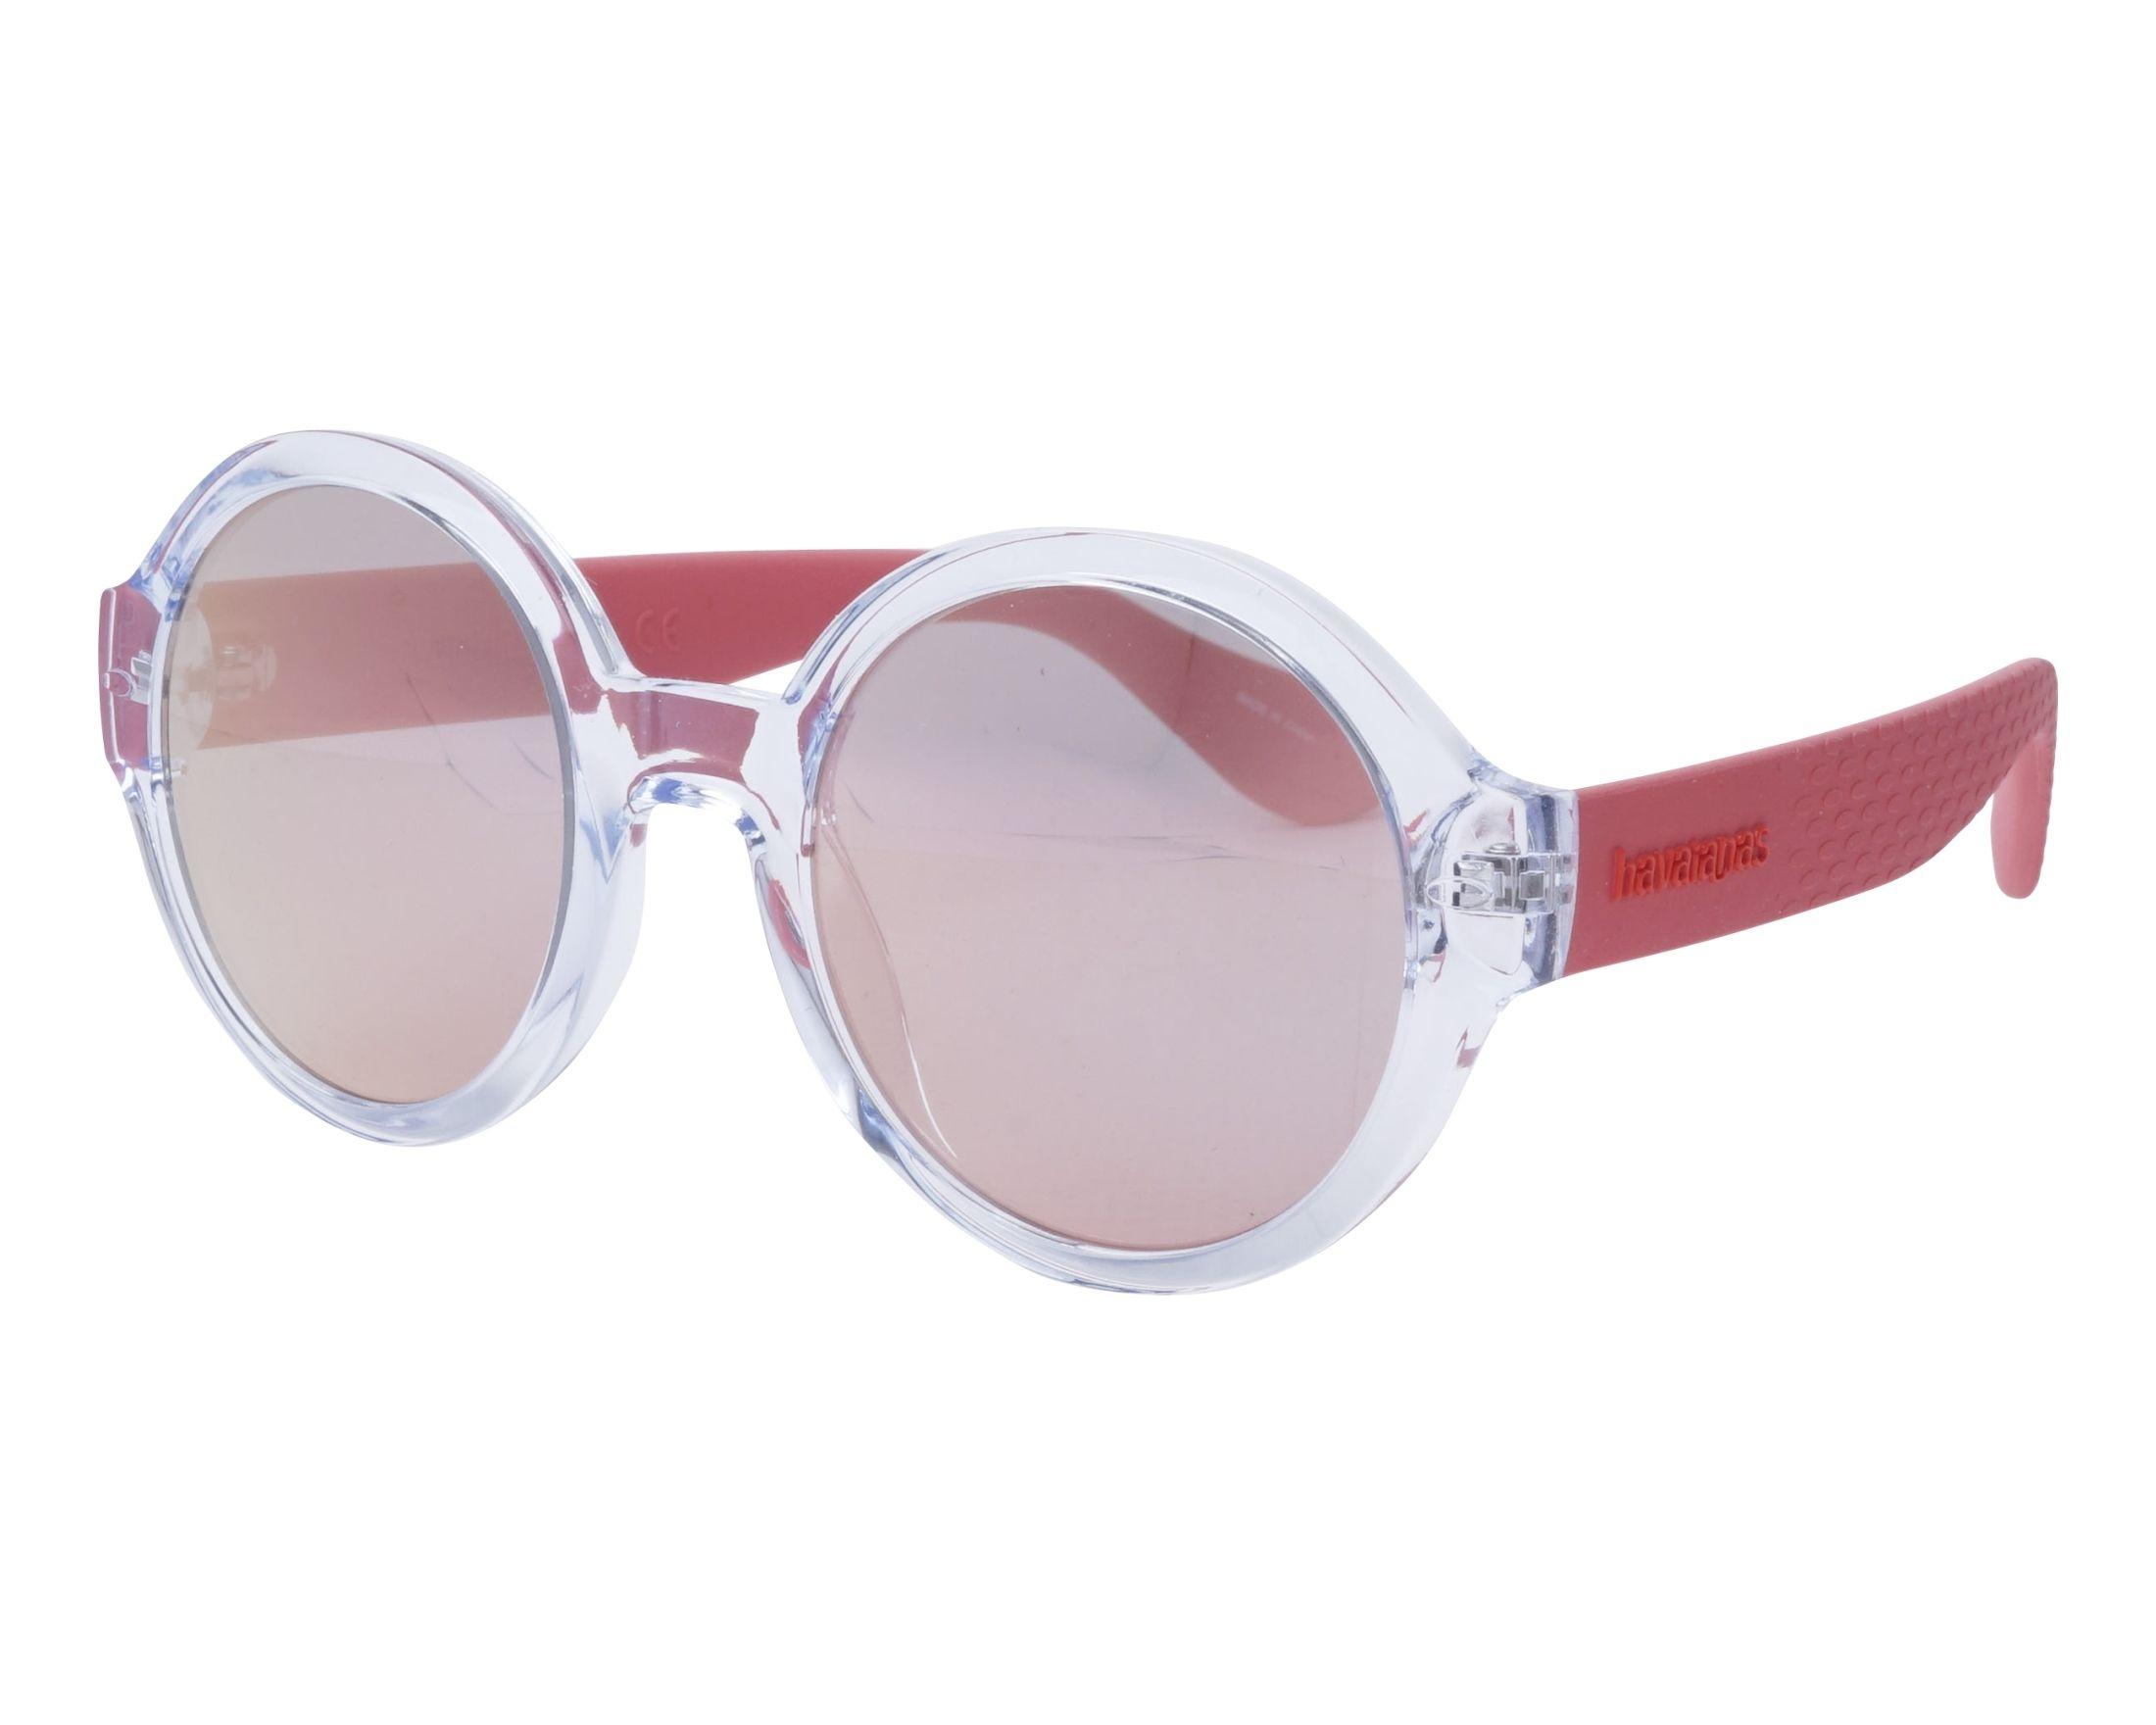 53eb975a36 Gafas de sol Havaianas FLORIPA-M 6OC0J 51-23 Cristal Rosa vista de perfil